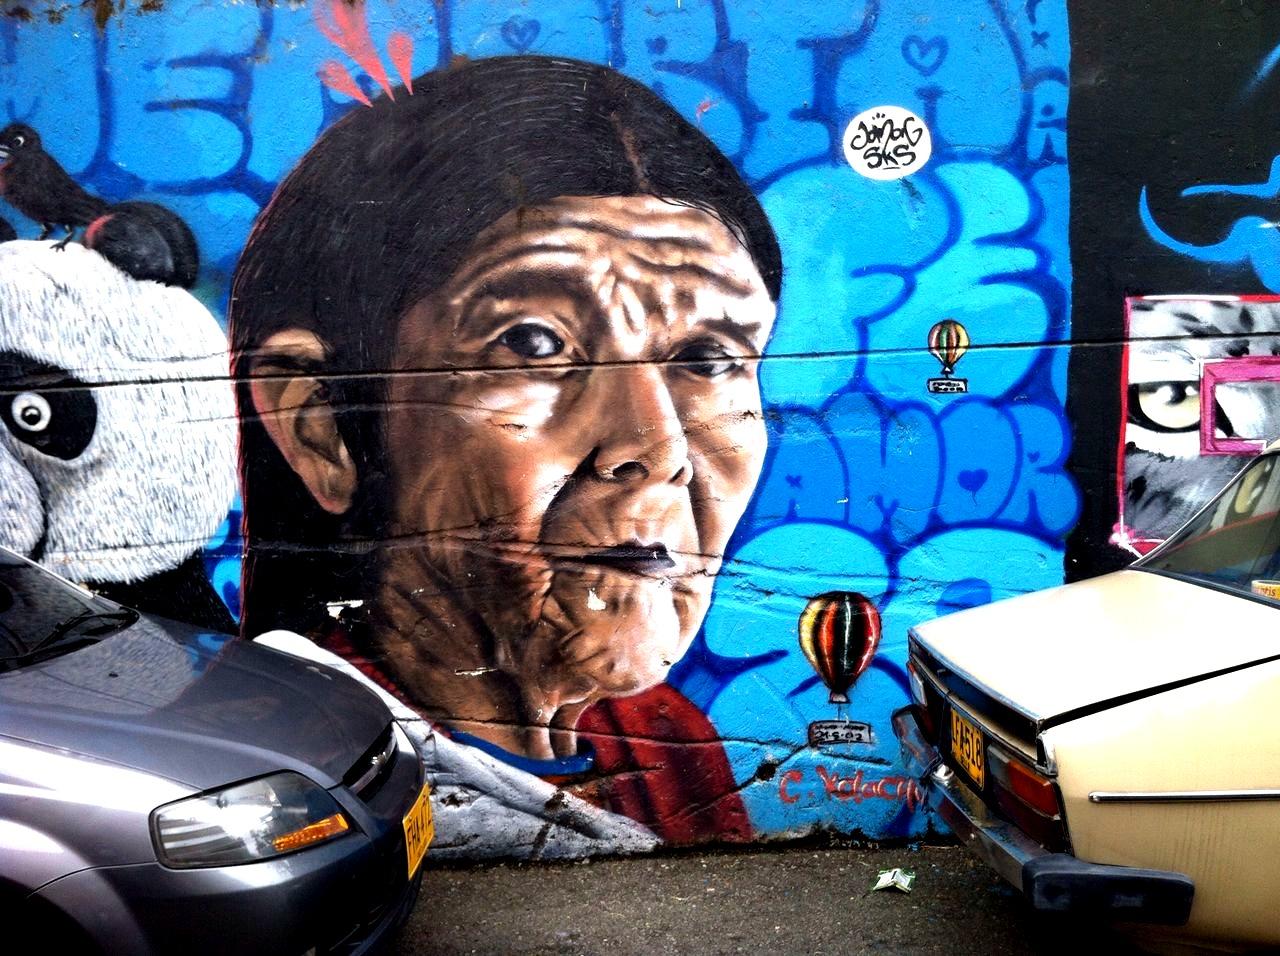 Iniciamos el ascenso y nos encontramos con el mural Mariscal, el más simbólico y que deriva su nombre de una de las operaciones militares más violentas, junto con la Operación Orión en 2002.